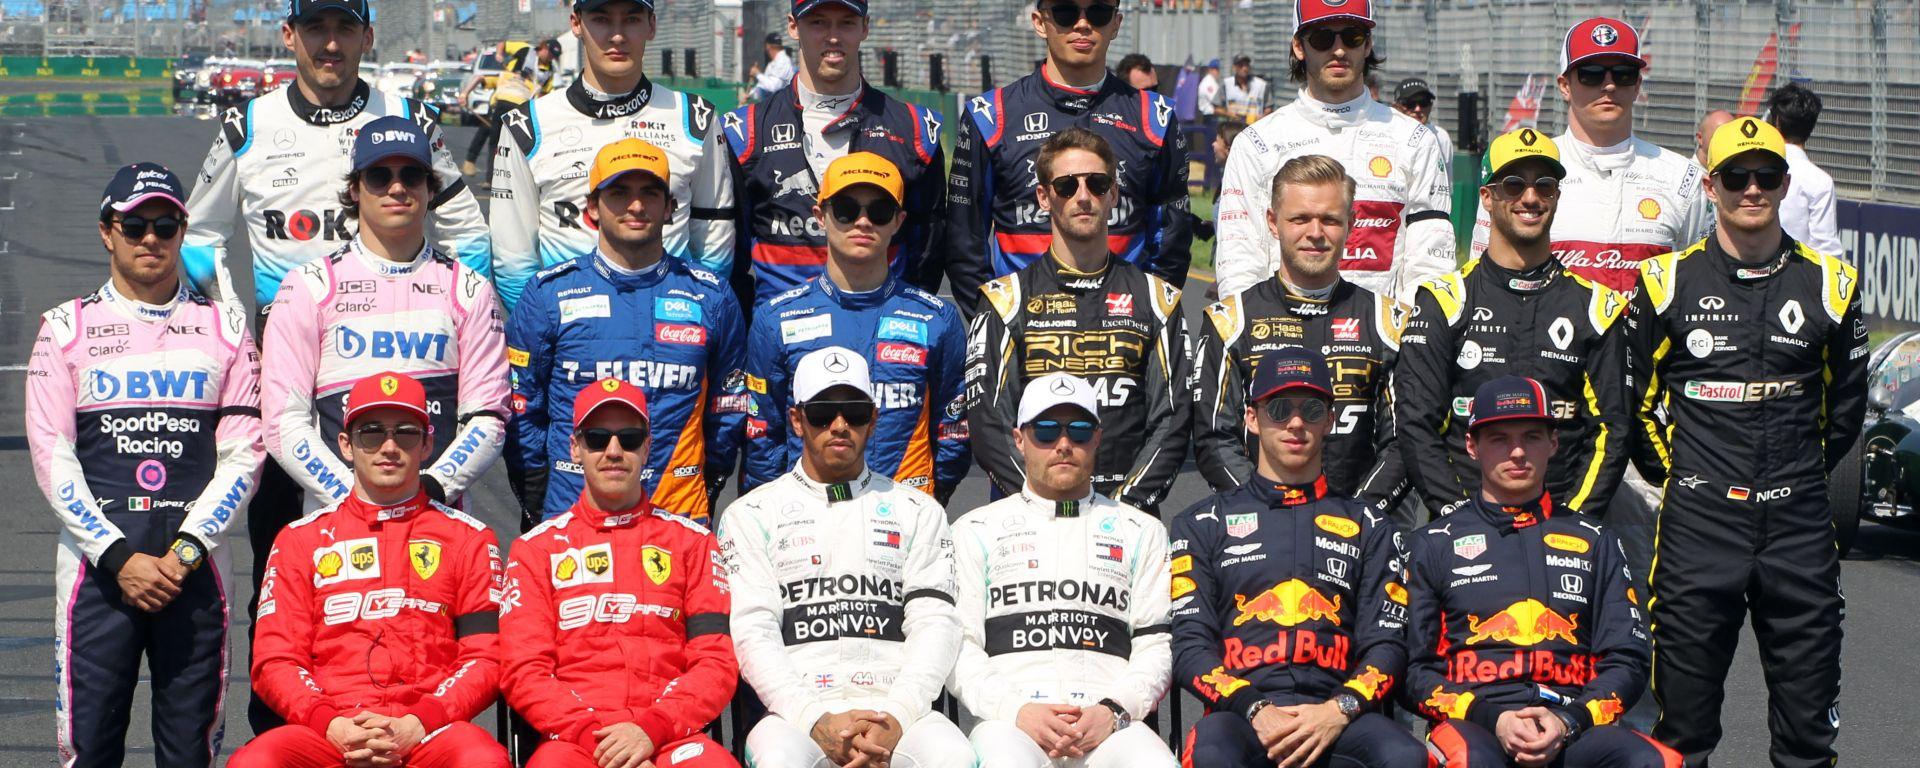 Formula 1, tutti i piloti iscritti al mondiale 2019